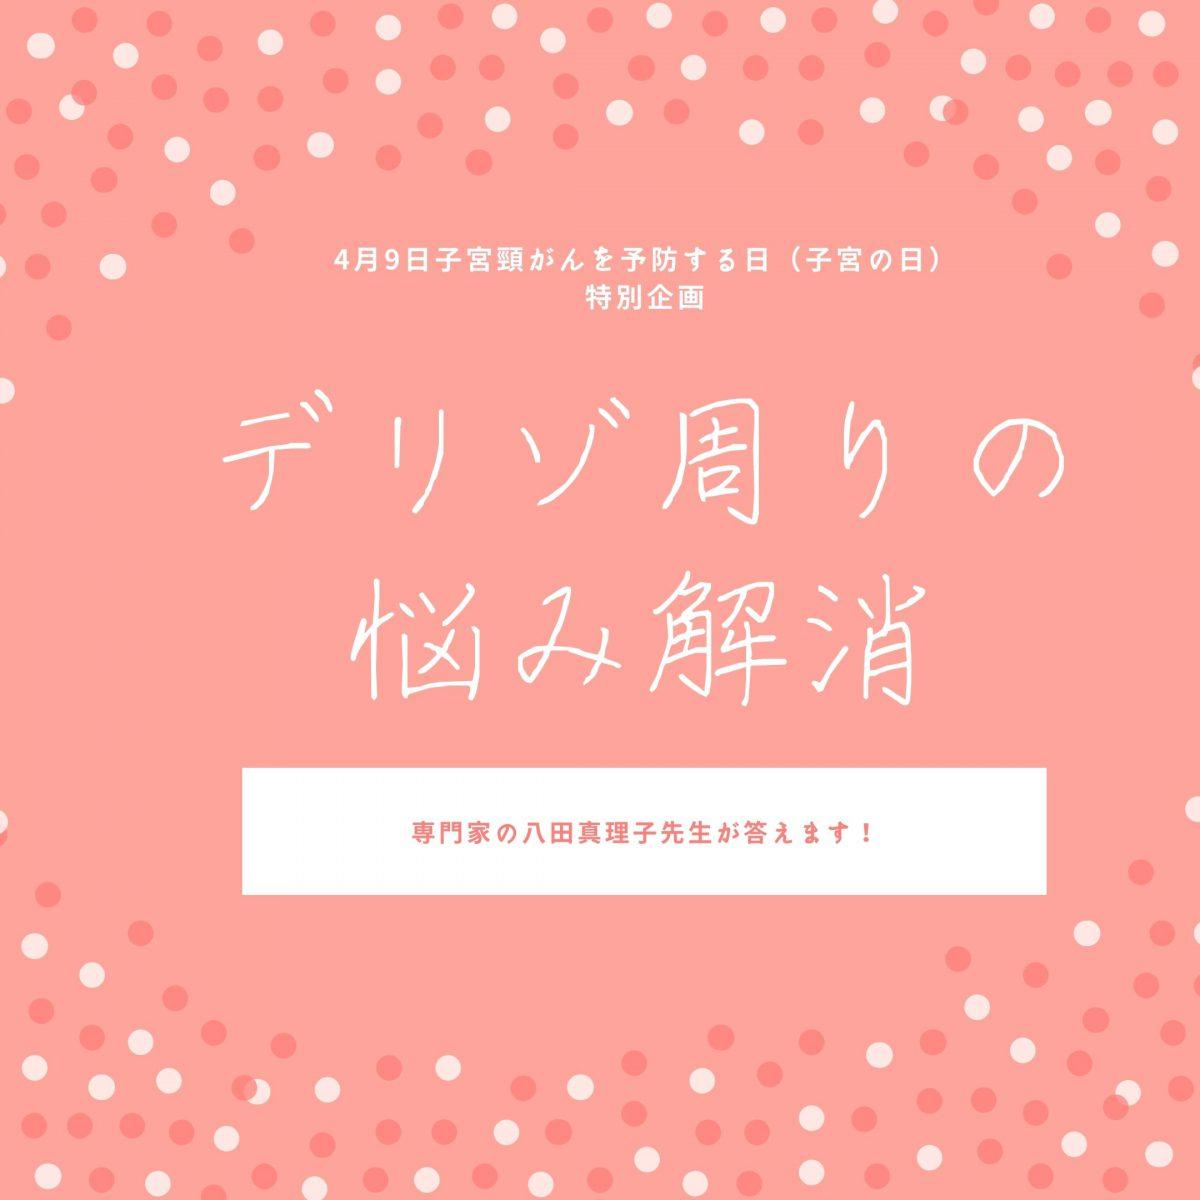 「デリゾ周りの悩み」解消動画公開開始!